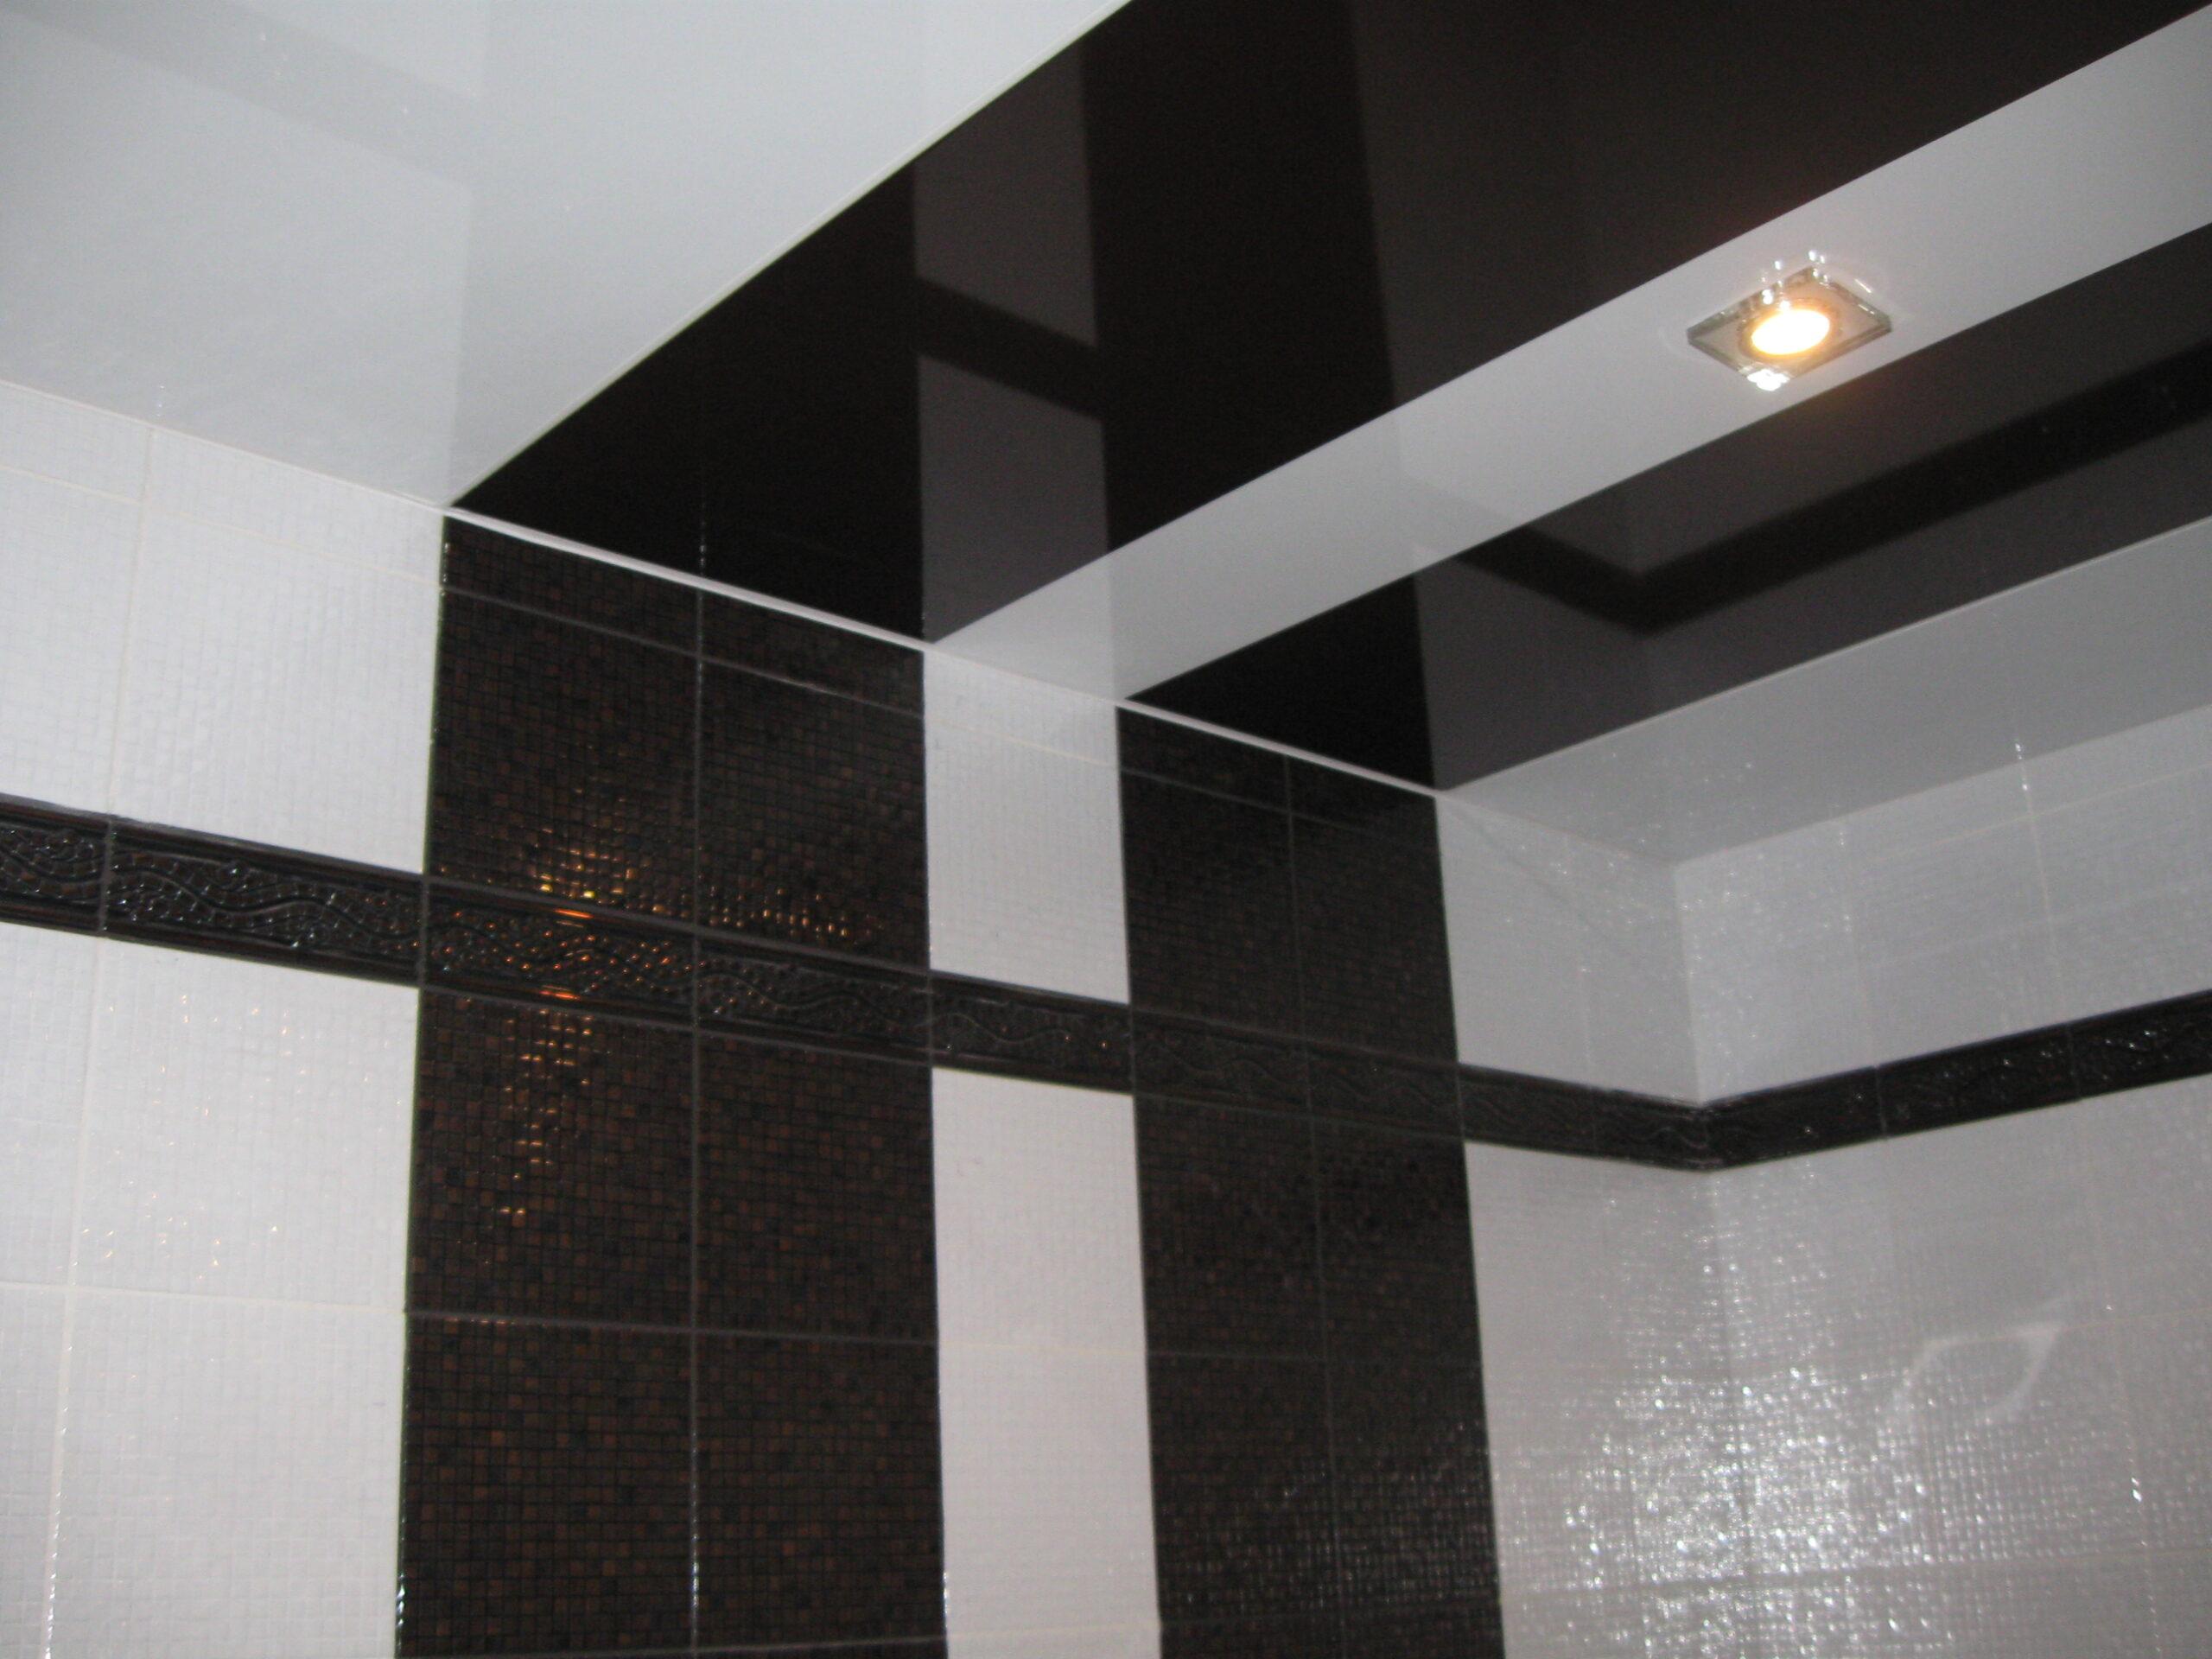 Плавный переход цвета от стены к потолку за счет натяжного потолка